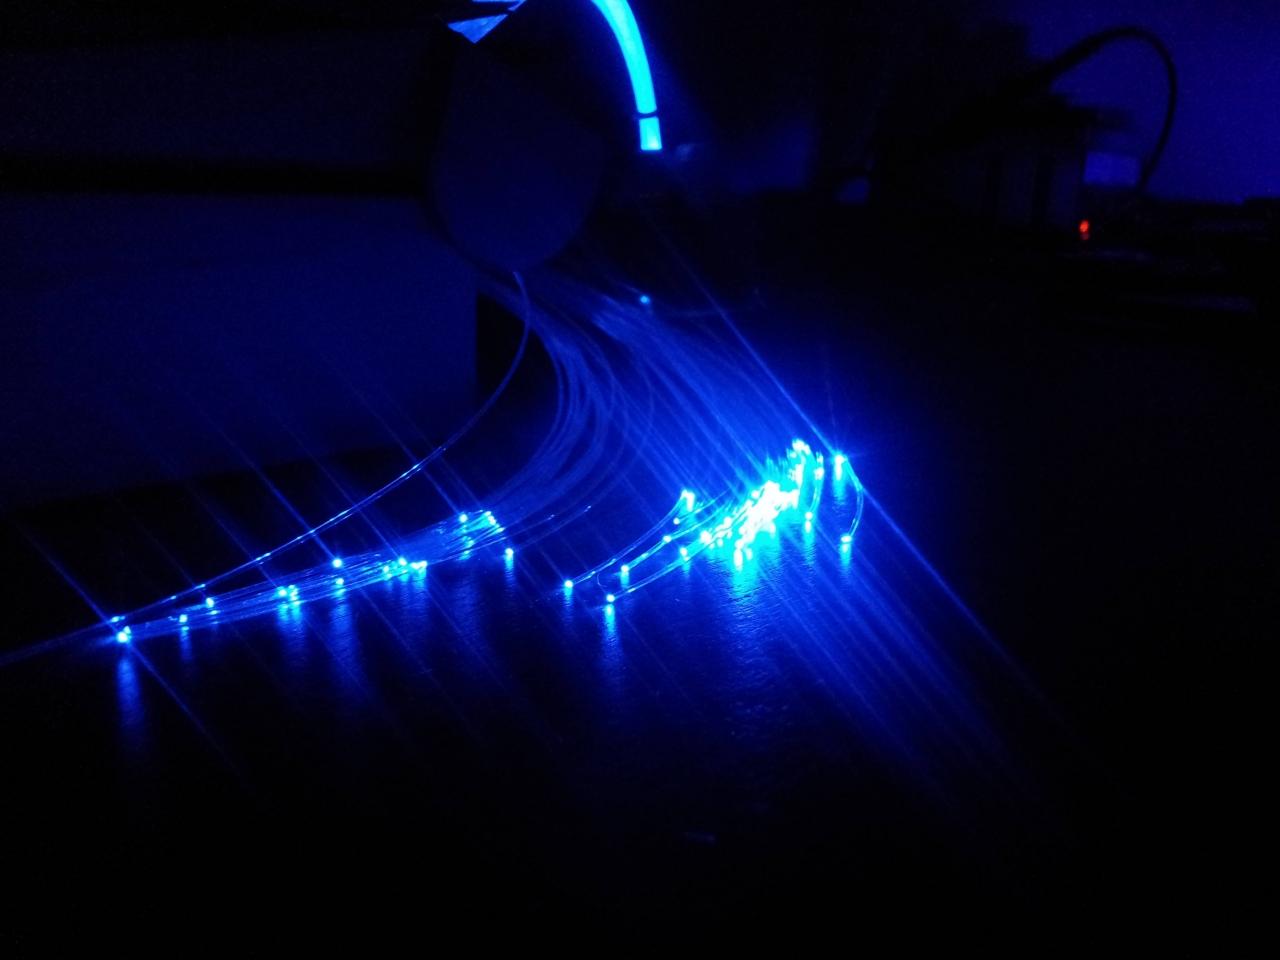 eigenbau lichtgenerator sternenhimmel, 9 watt 560 fasern